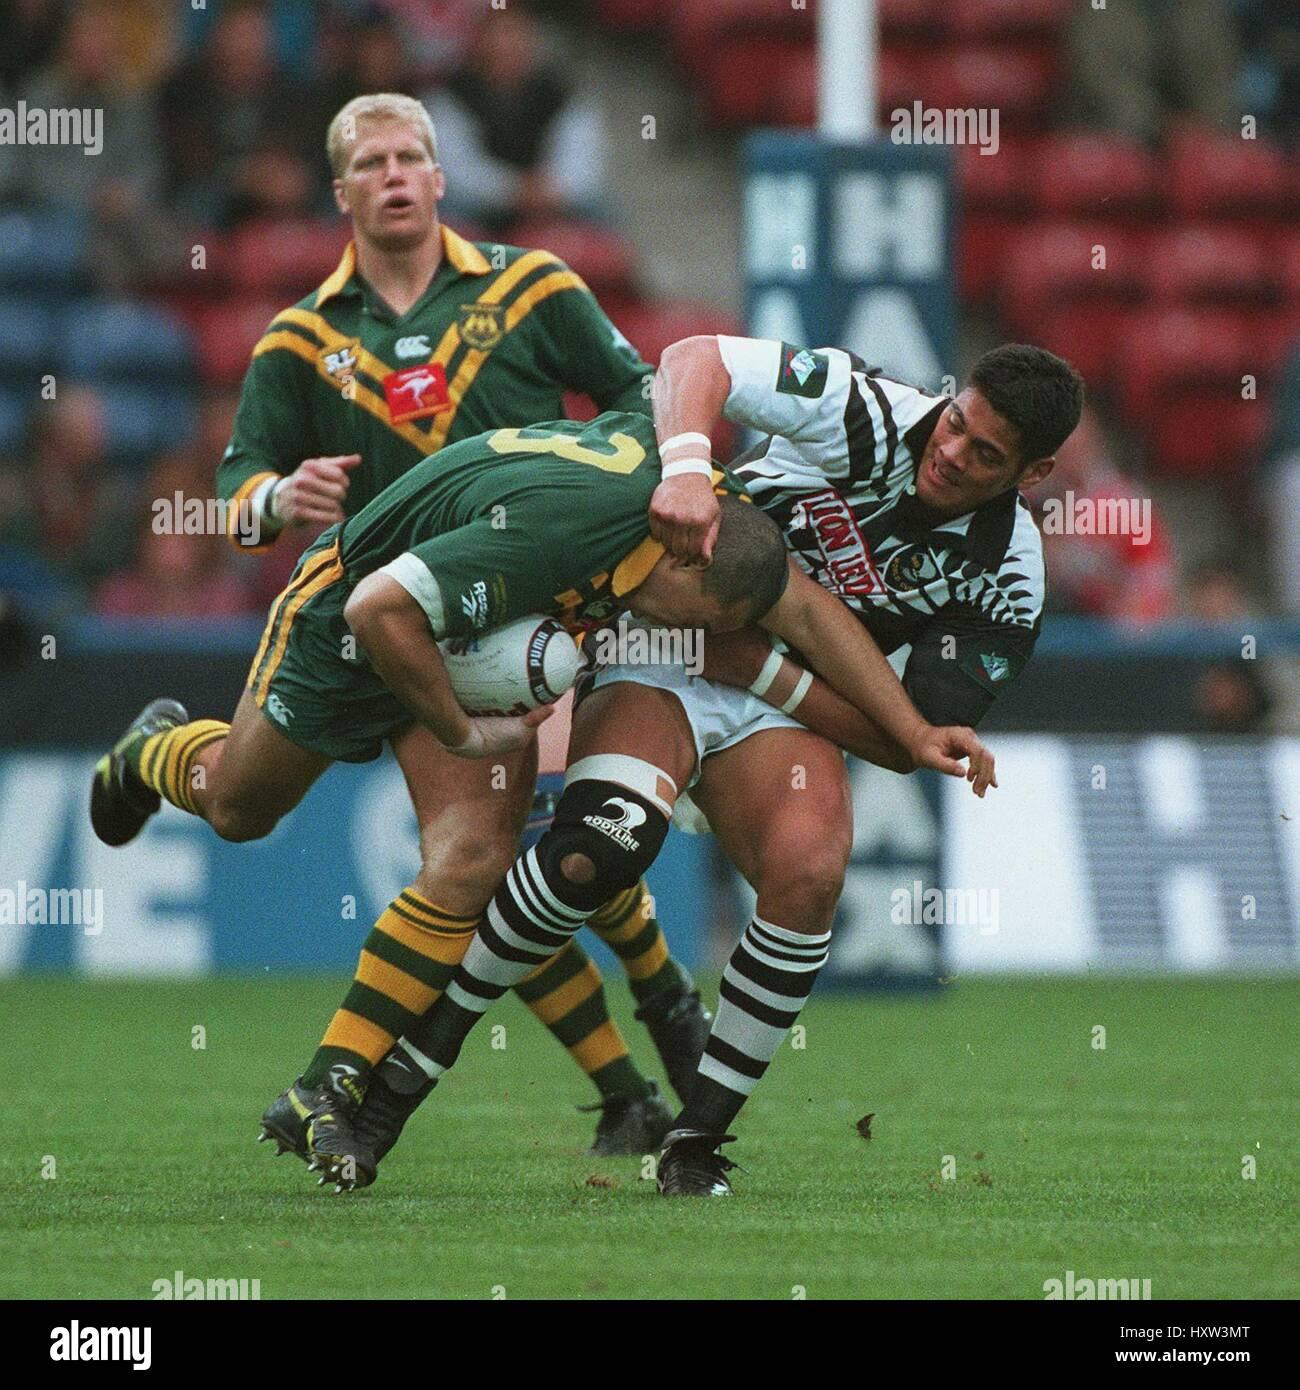 MARK COYNE IS TACKLED BY STEPHEN KEARNEY AUST V NZ 22 October 1995 - Stock Image